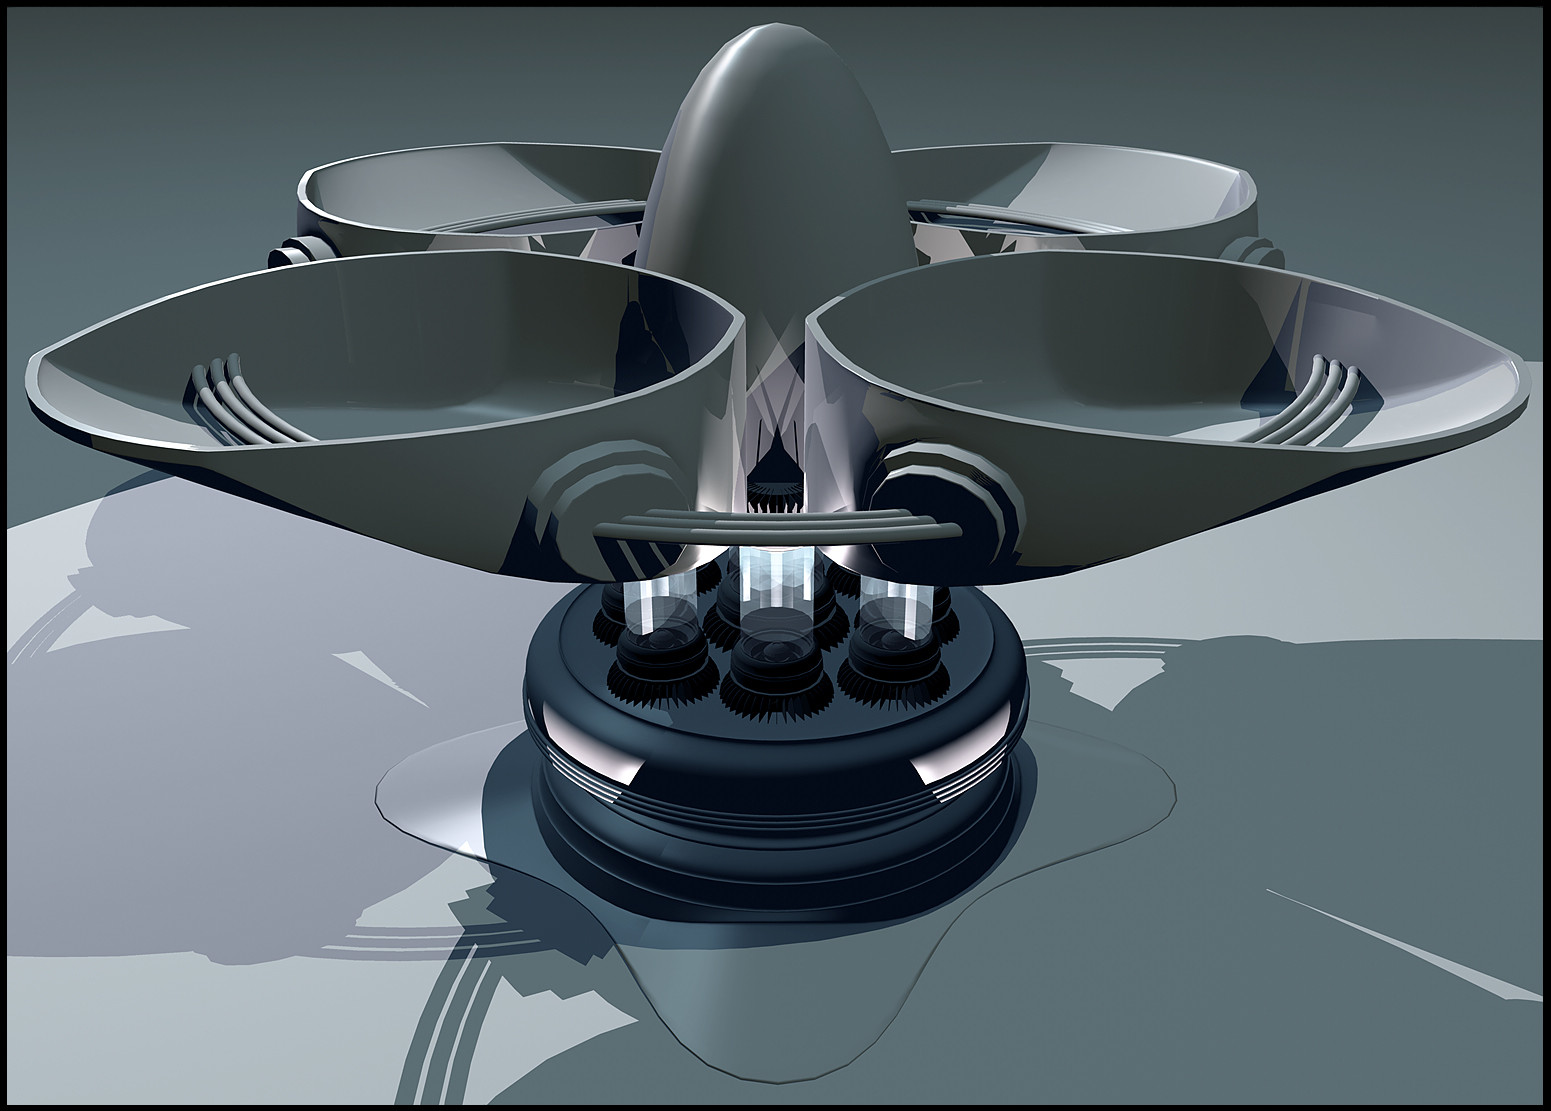 Vibhas virwani turbine7a